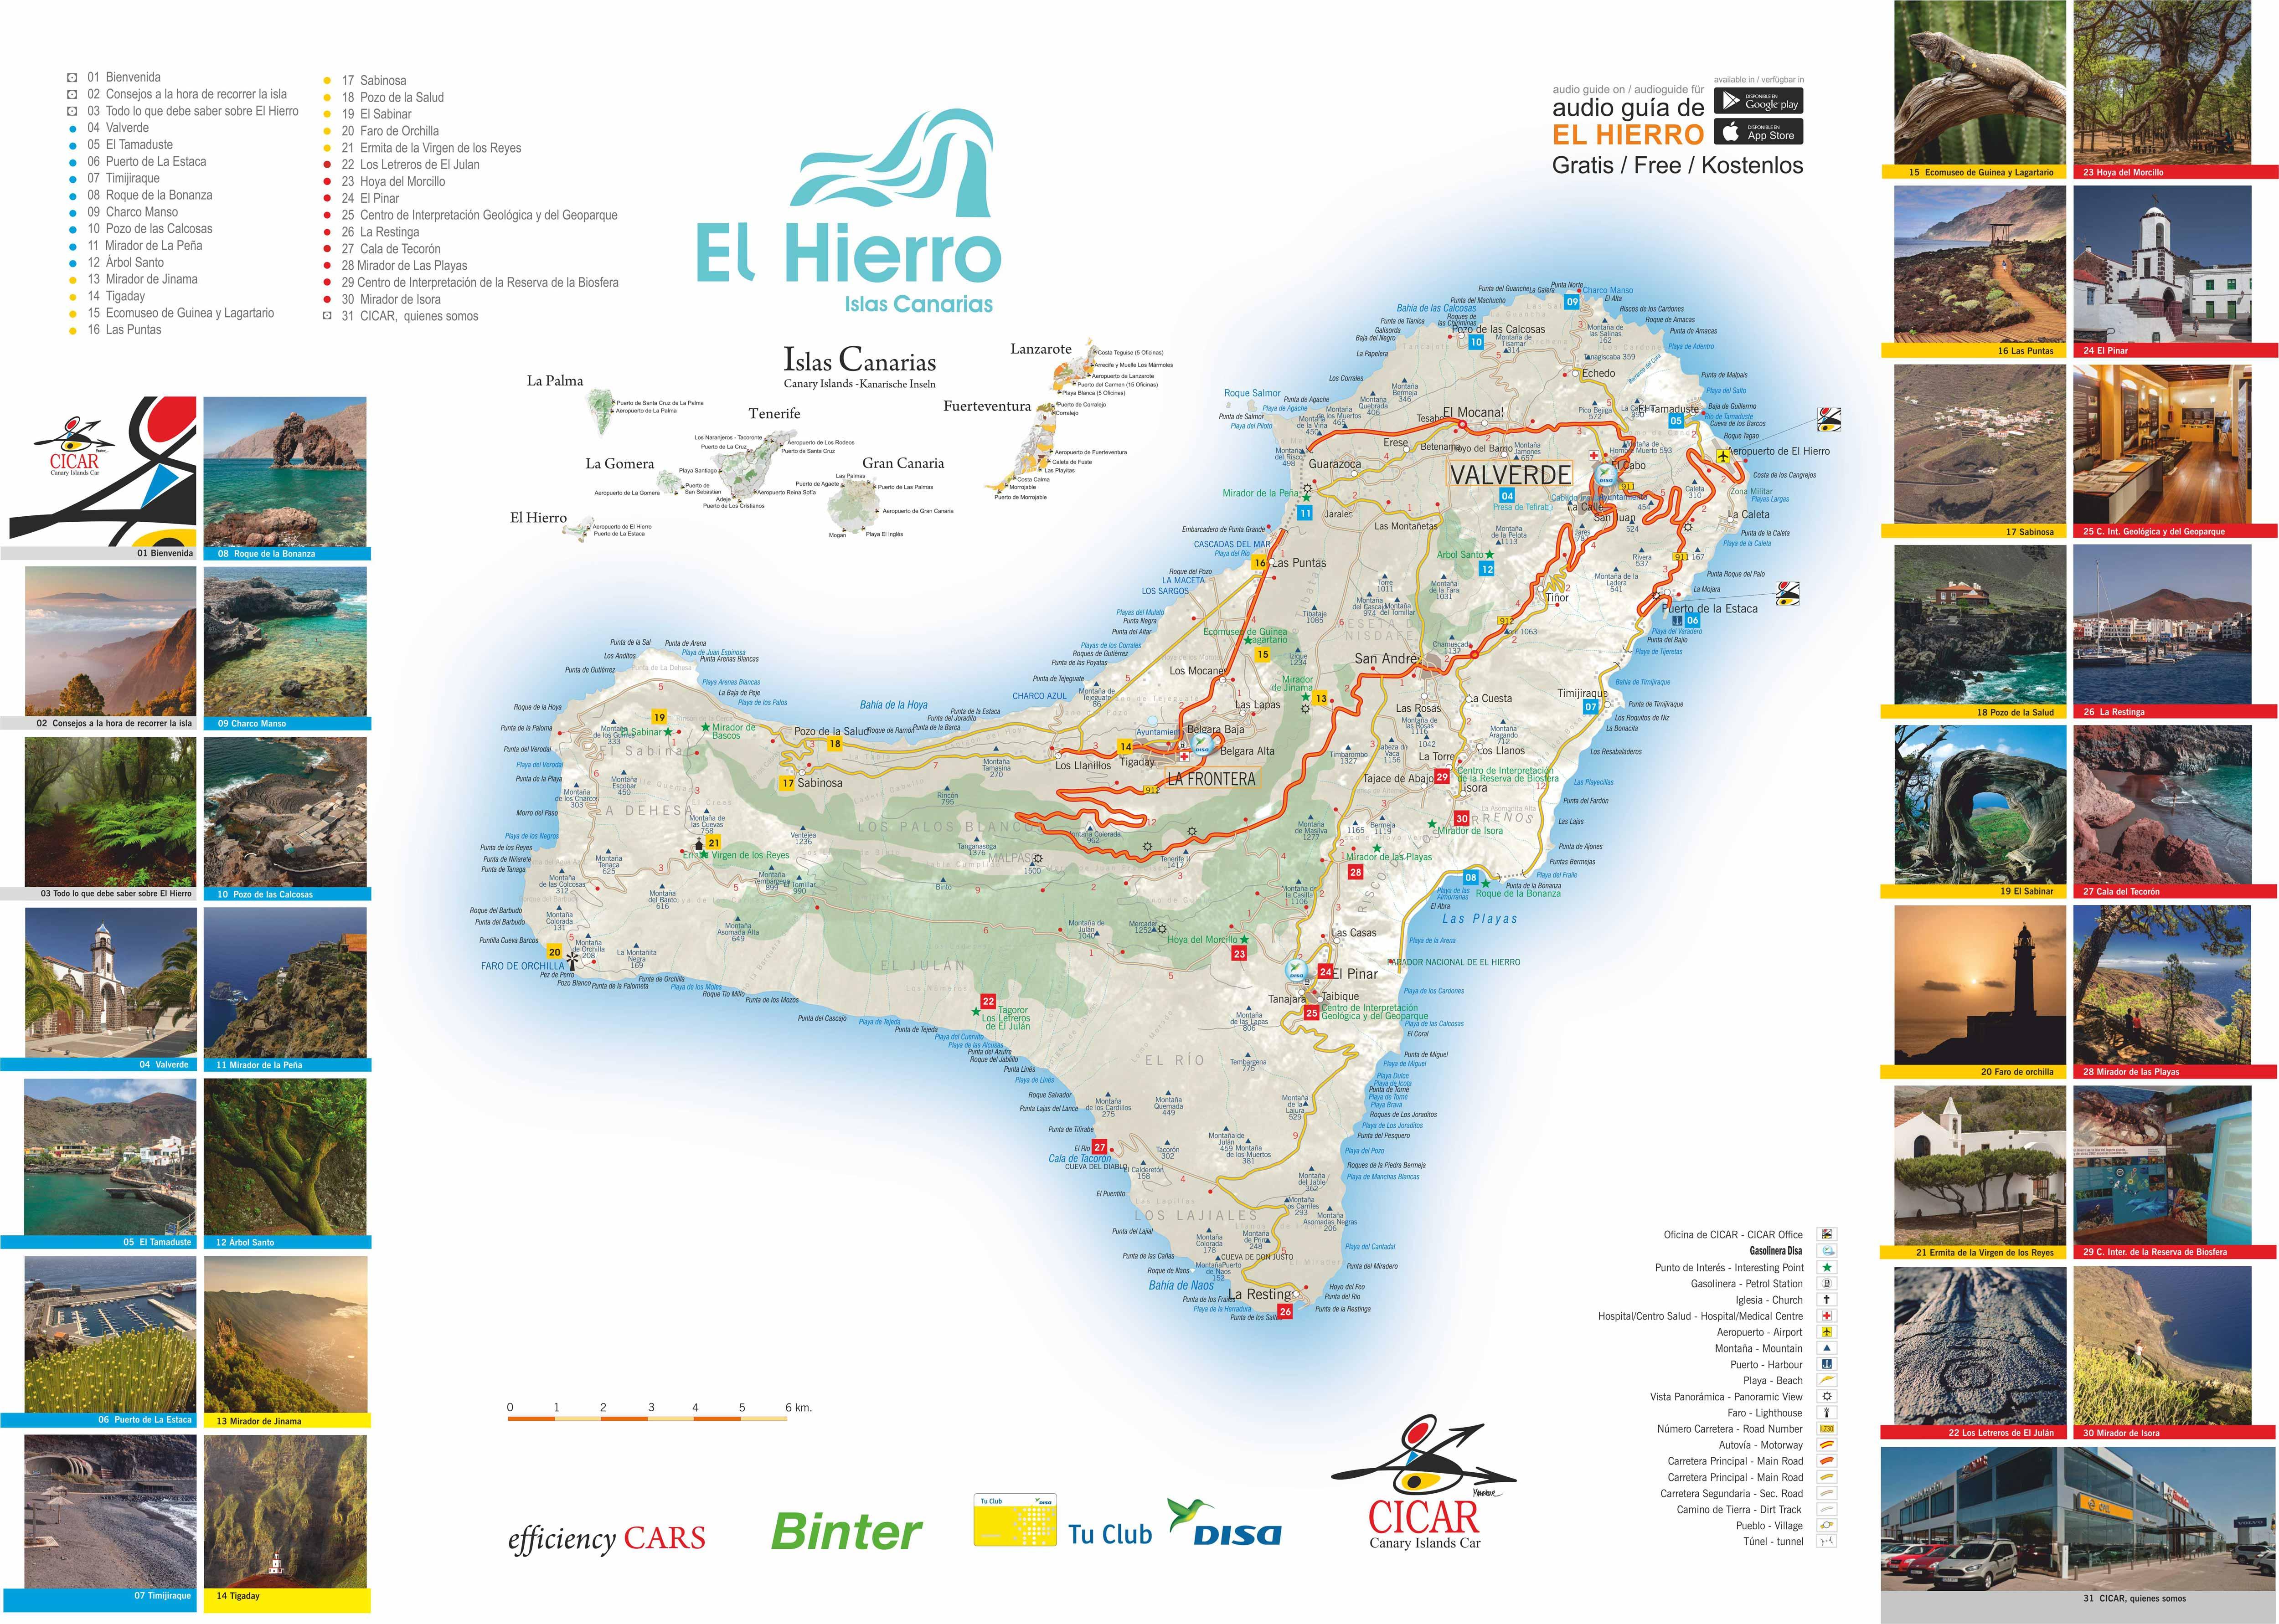 Rental Car Places >> Car hire in El Hierro | Car rental in El Hierro